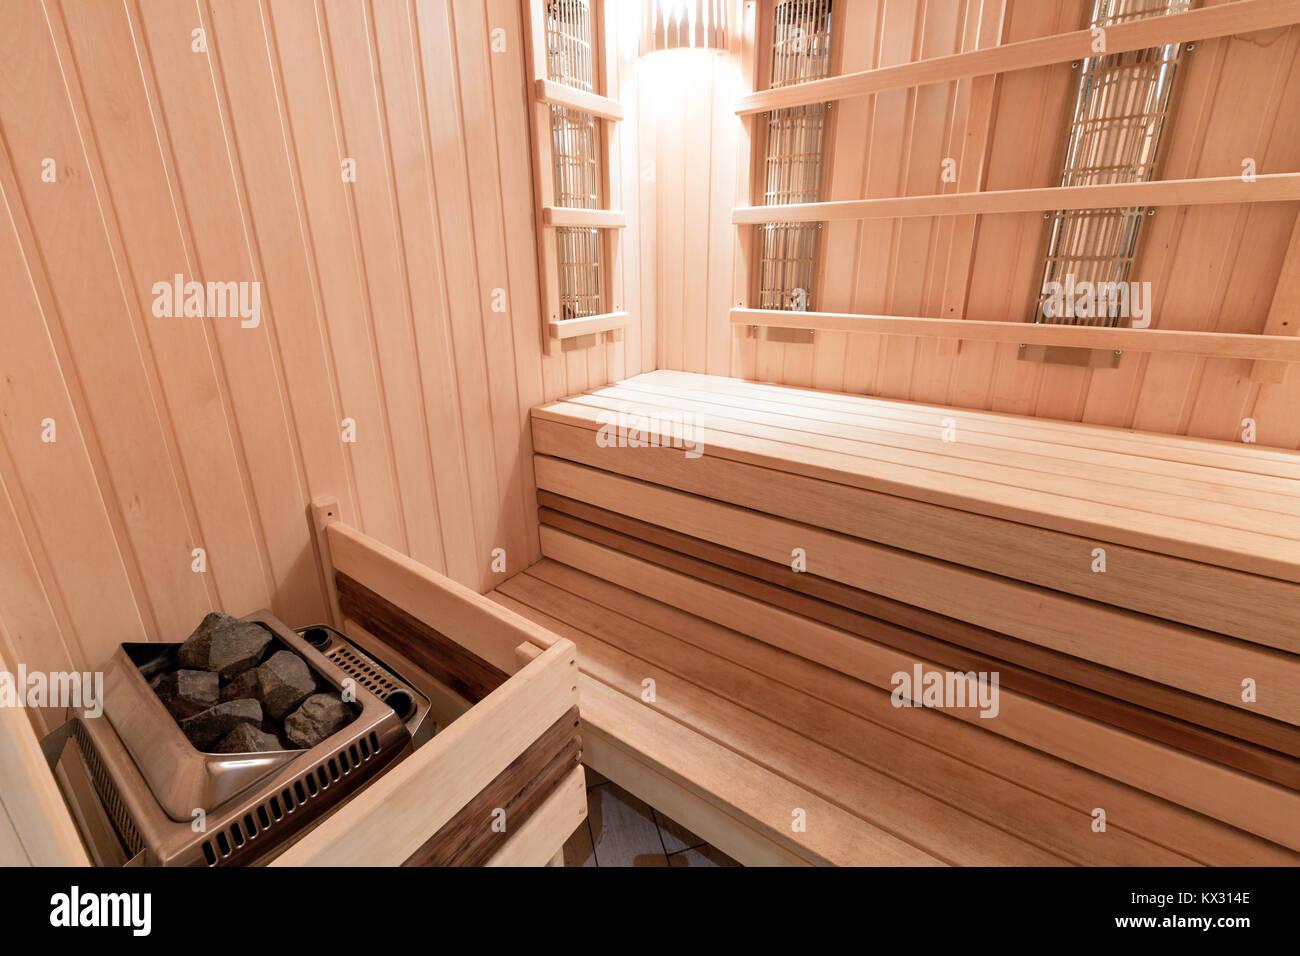 Construire Un Sauna Finlandais infrared sauna photos & infrared sauna images - alamy